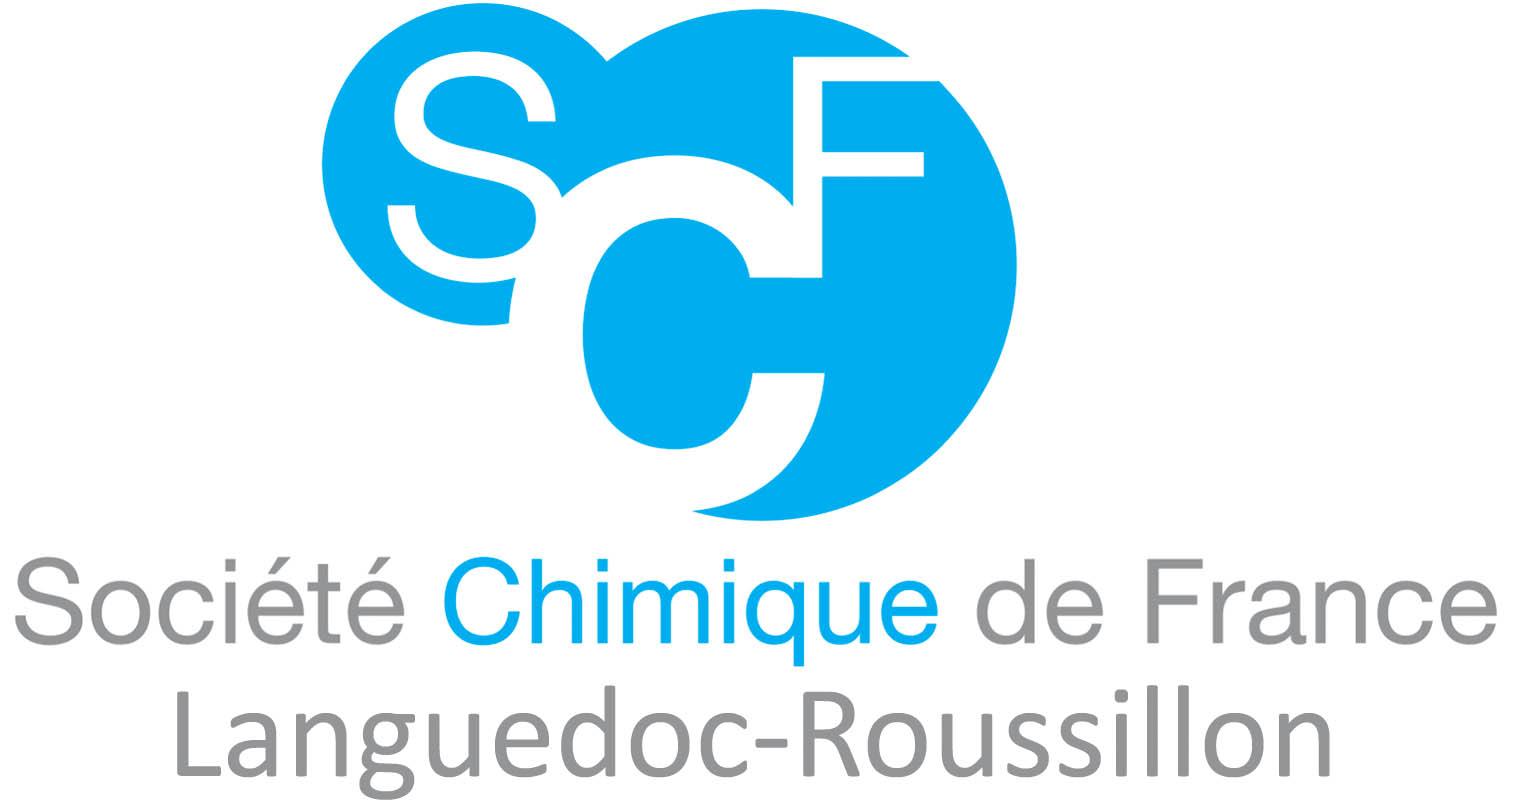 SCF Languedoc-Roussillon